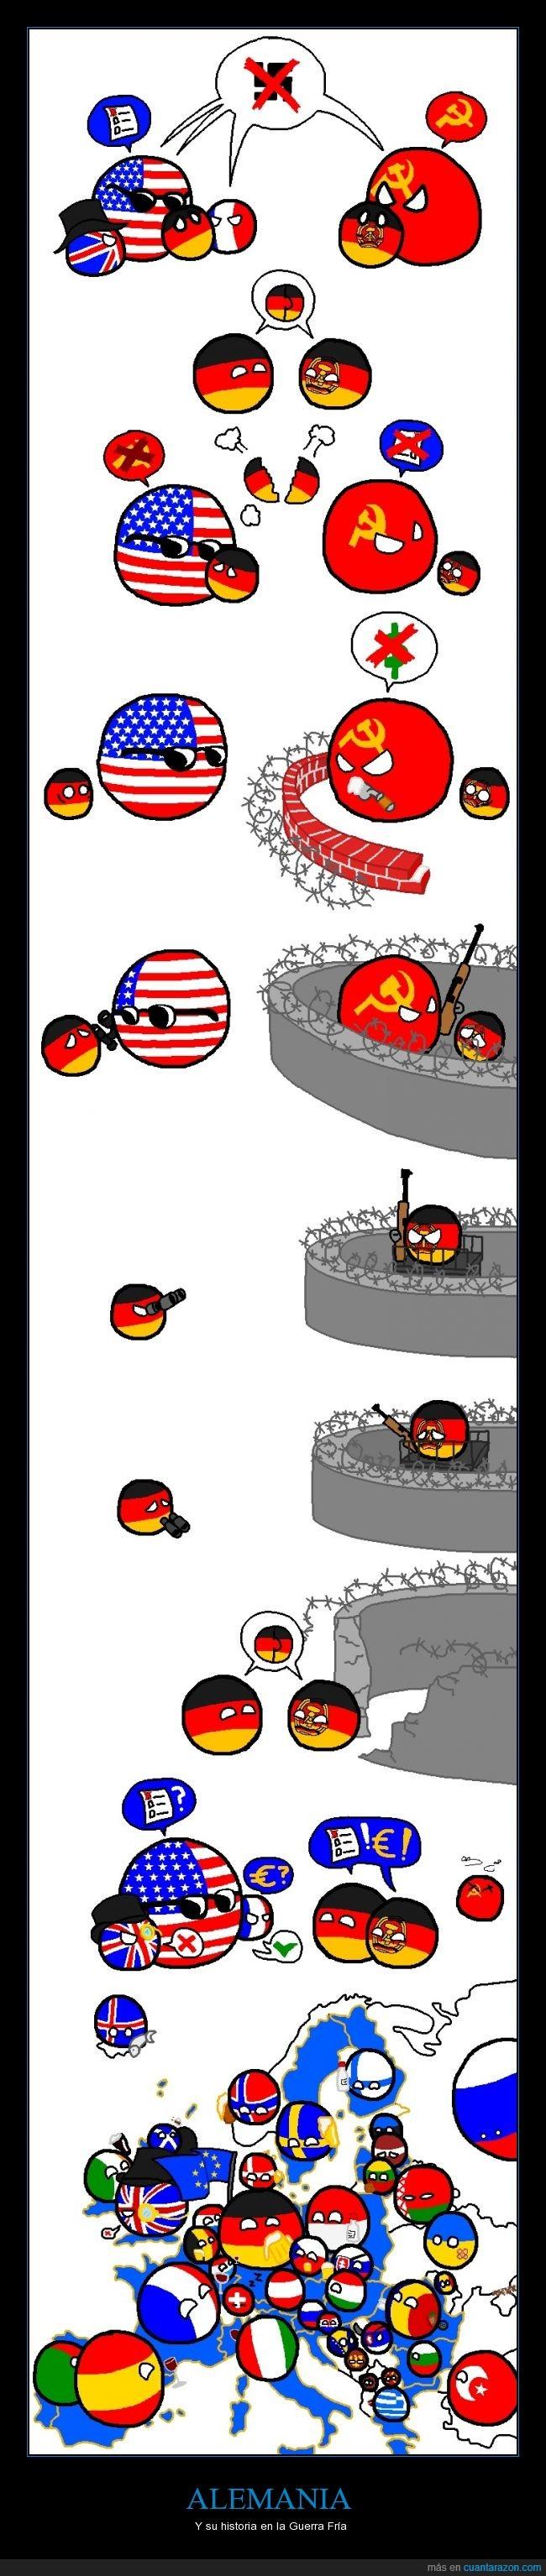 estados unidos,evolucion,guerra,Guerra Alemania E.U.A Murica! Europa,países